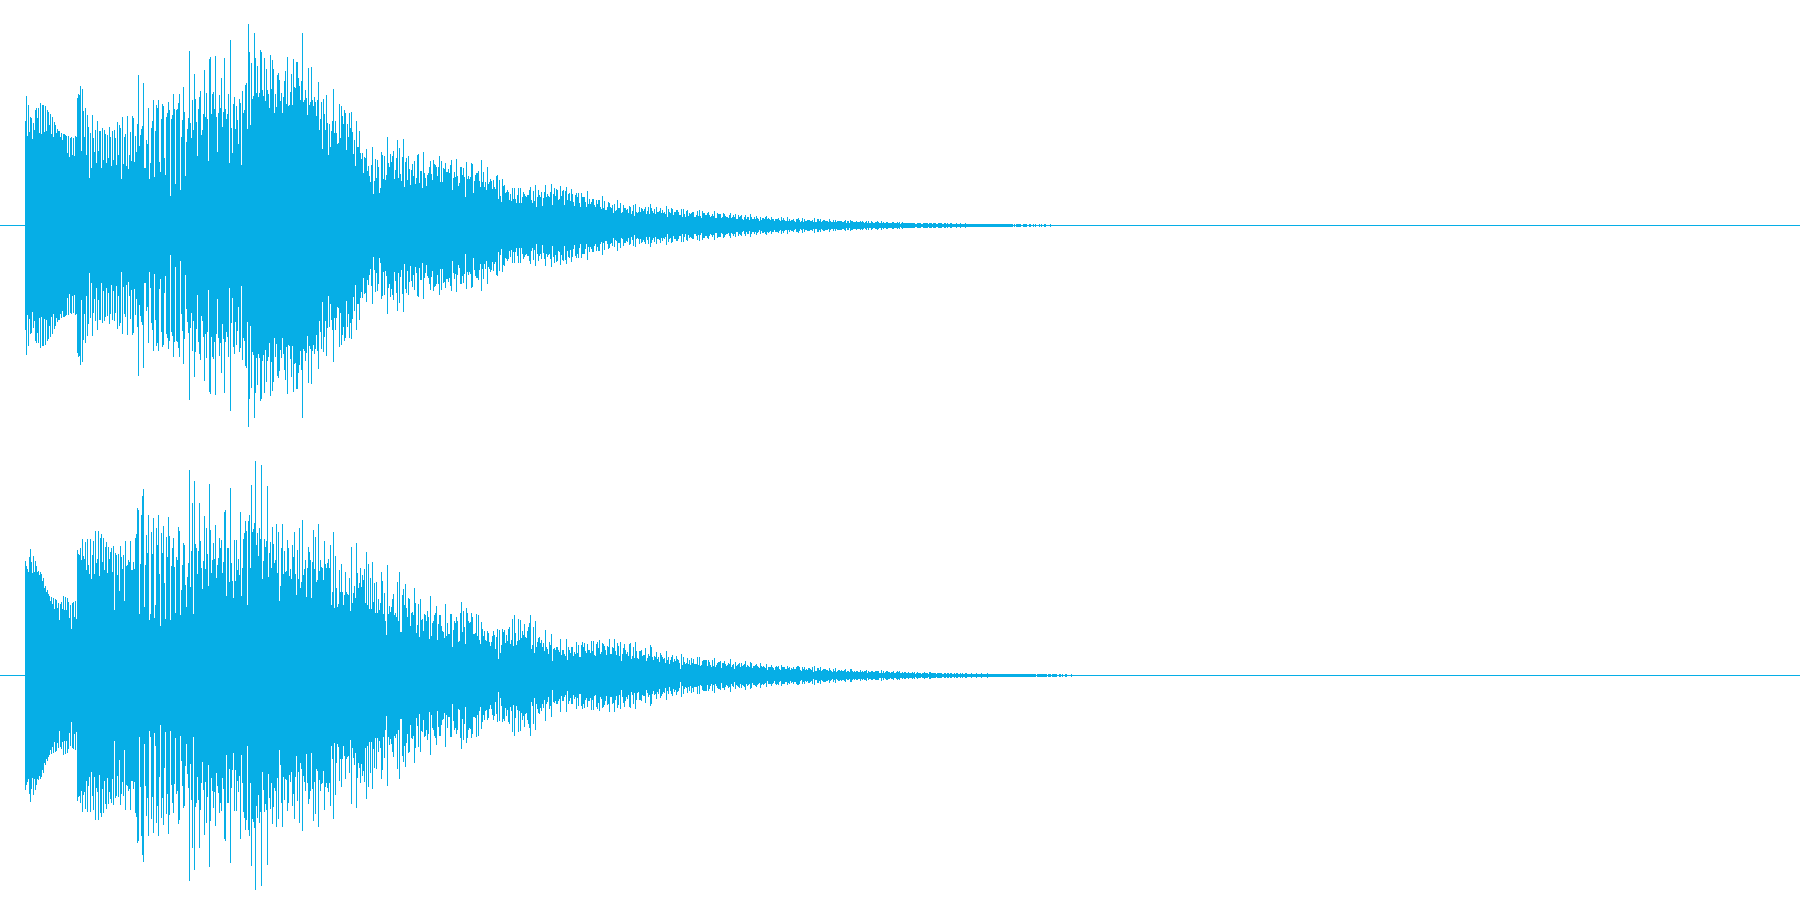 アラーム音05 ベル(sus4)の再生済みの波形